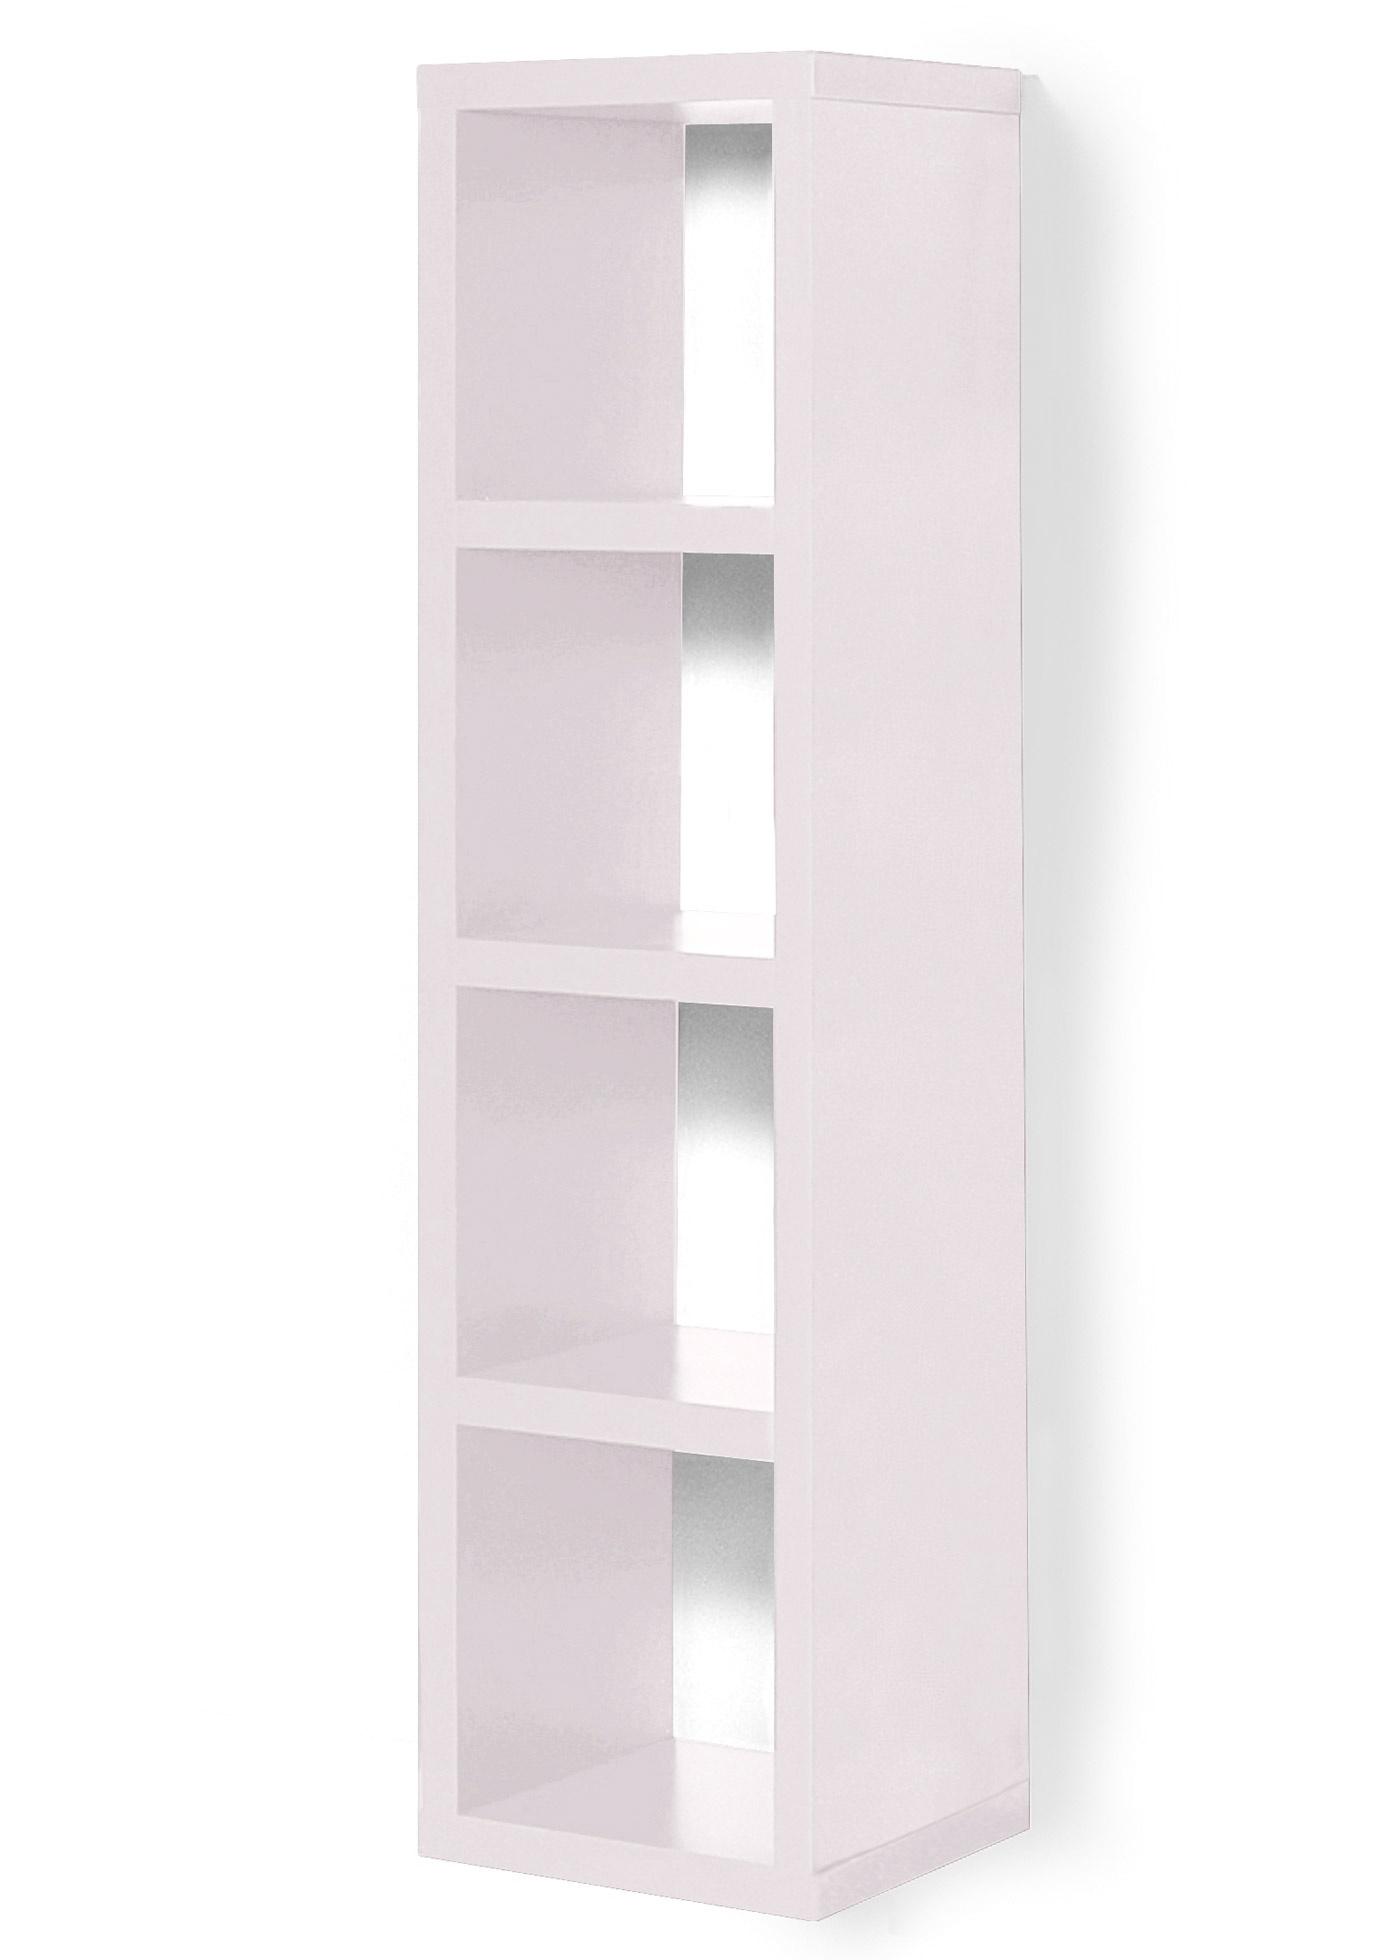 Polyvalente et pratique, l'étagère Kenia peut se placer dans le salon, la chambre ou même le couloir. Composée de quatre compartiments, elle est idéale pour ranger des livres, des boîtes ou des petits objets. Disposant d'un look moderne, elle est constitu